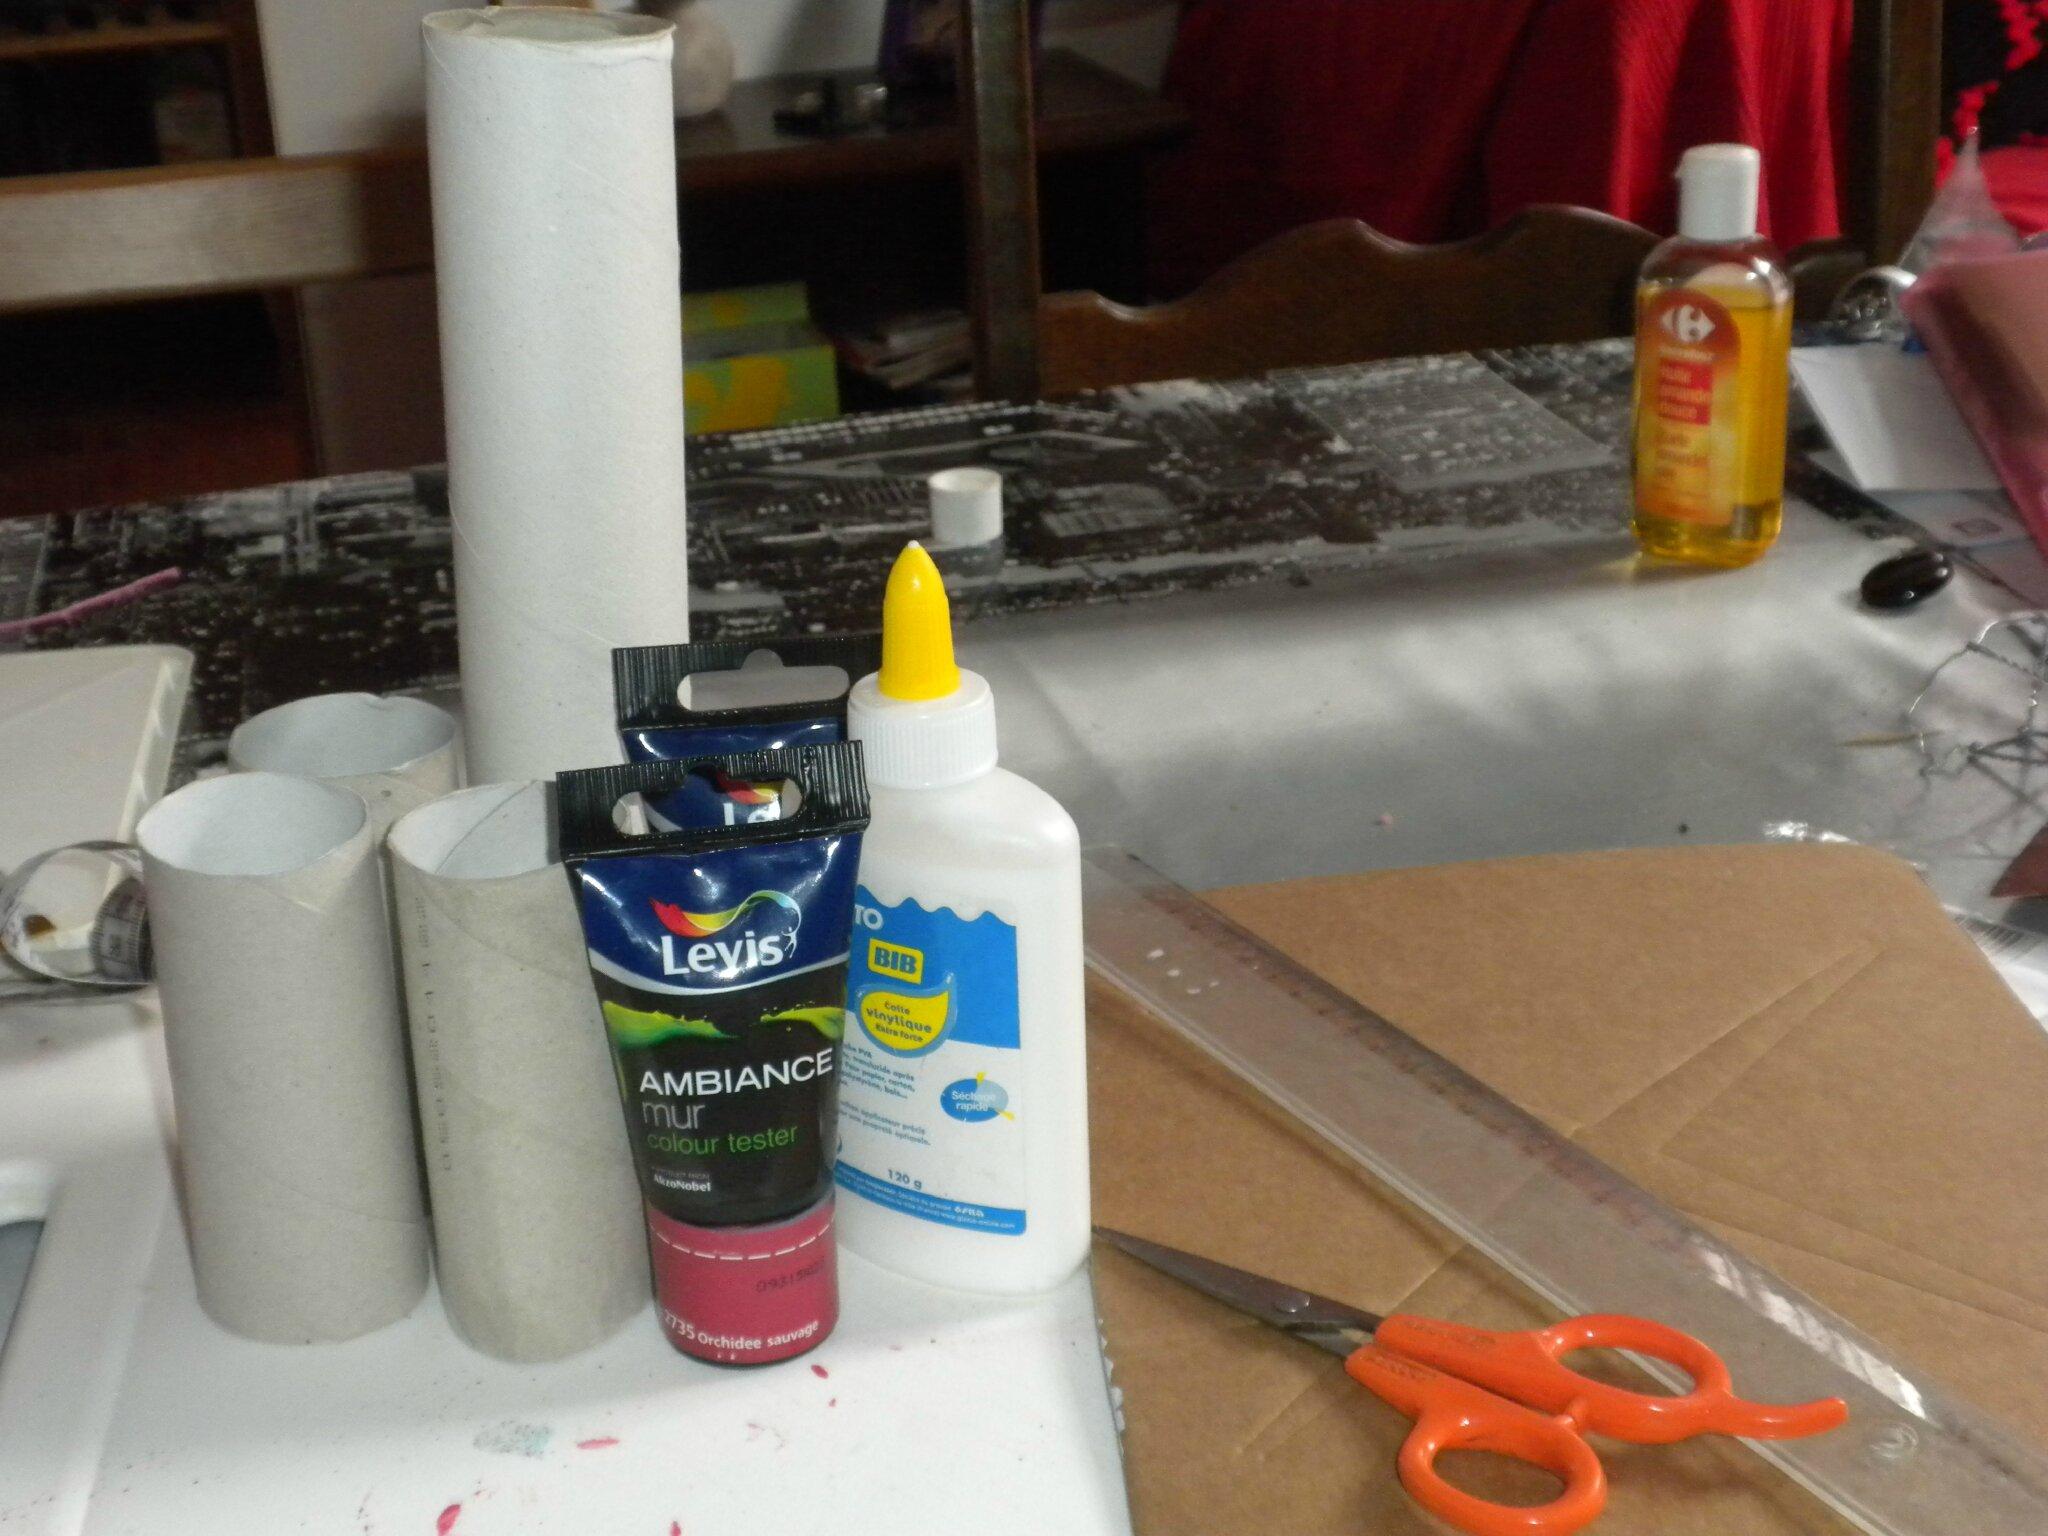 D coration fleur en rouleaux papier toilette ou autres for Rouleau de peinture decorative